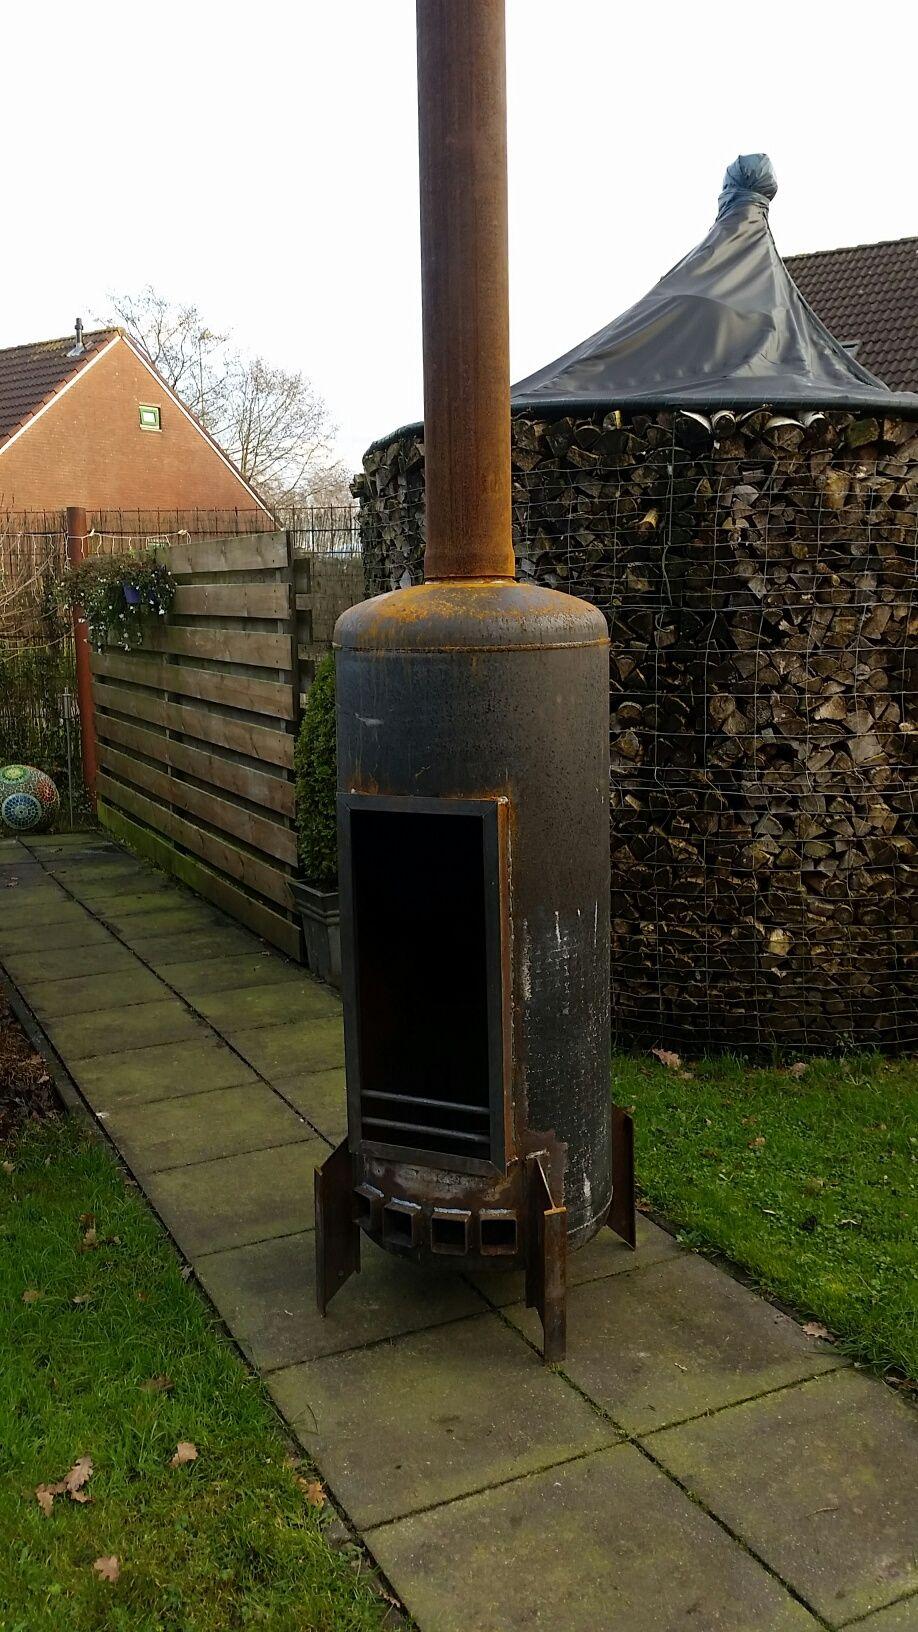 Bedwelming zelf vuurkorf maken van een boiler - Google zoeken | Voor de tuin #UI14